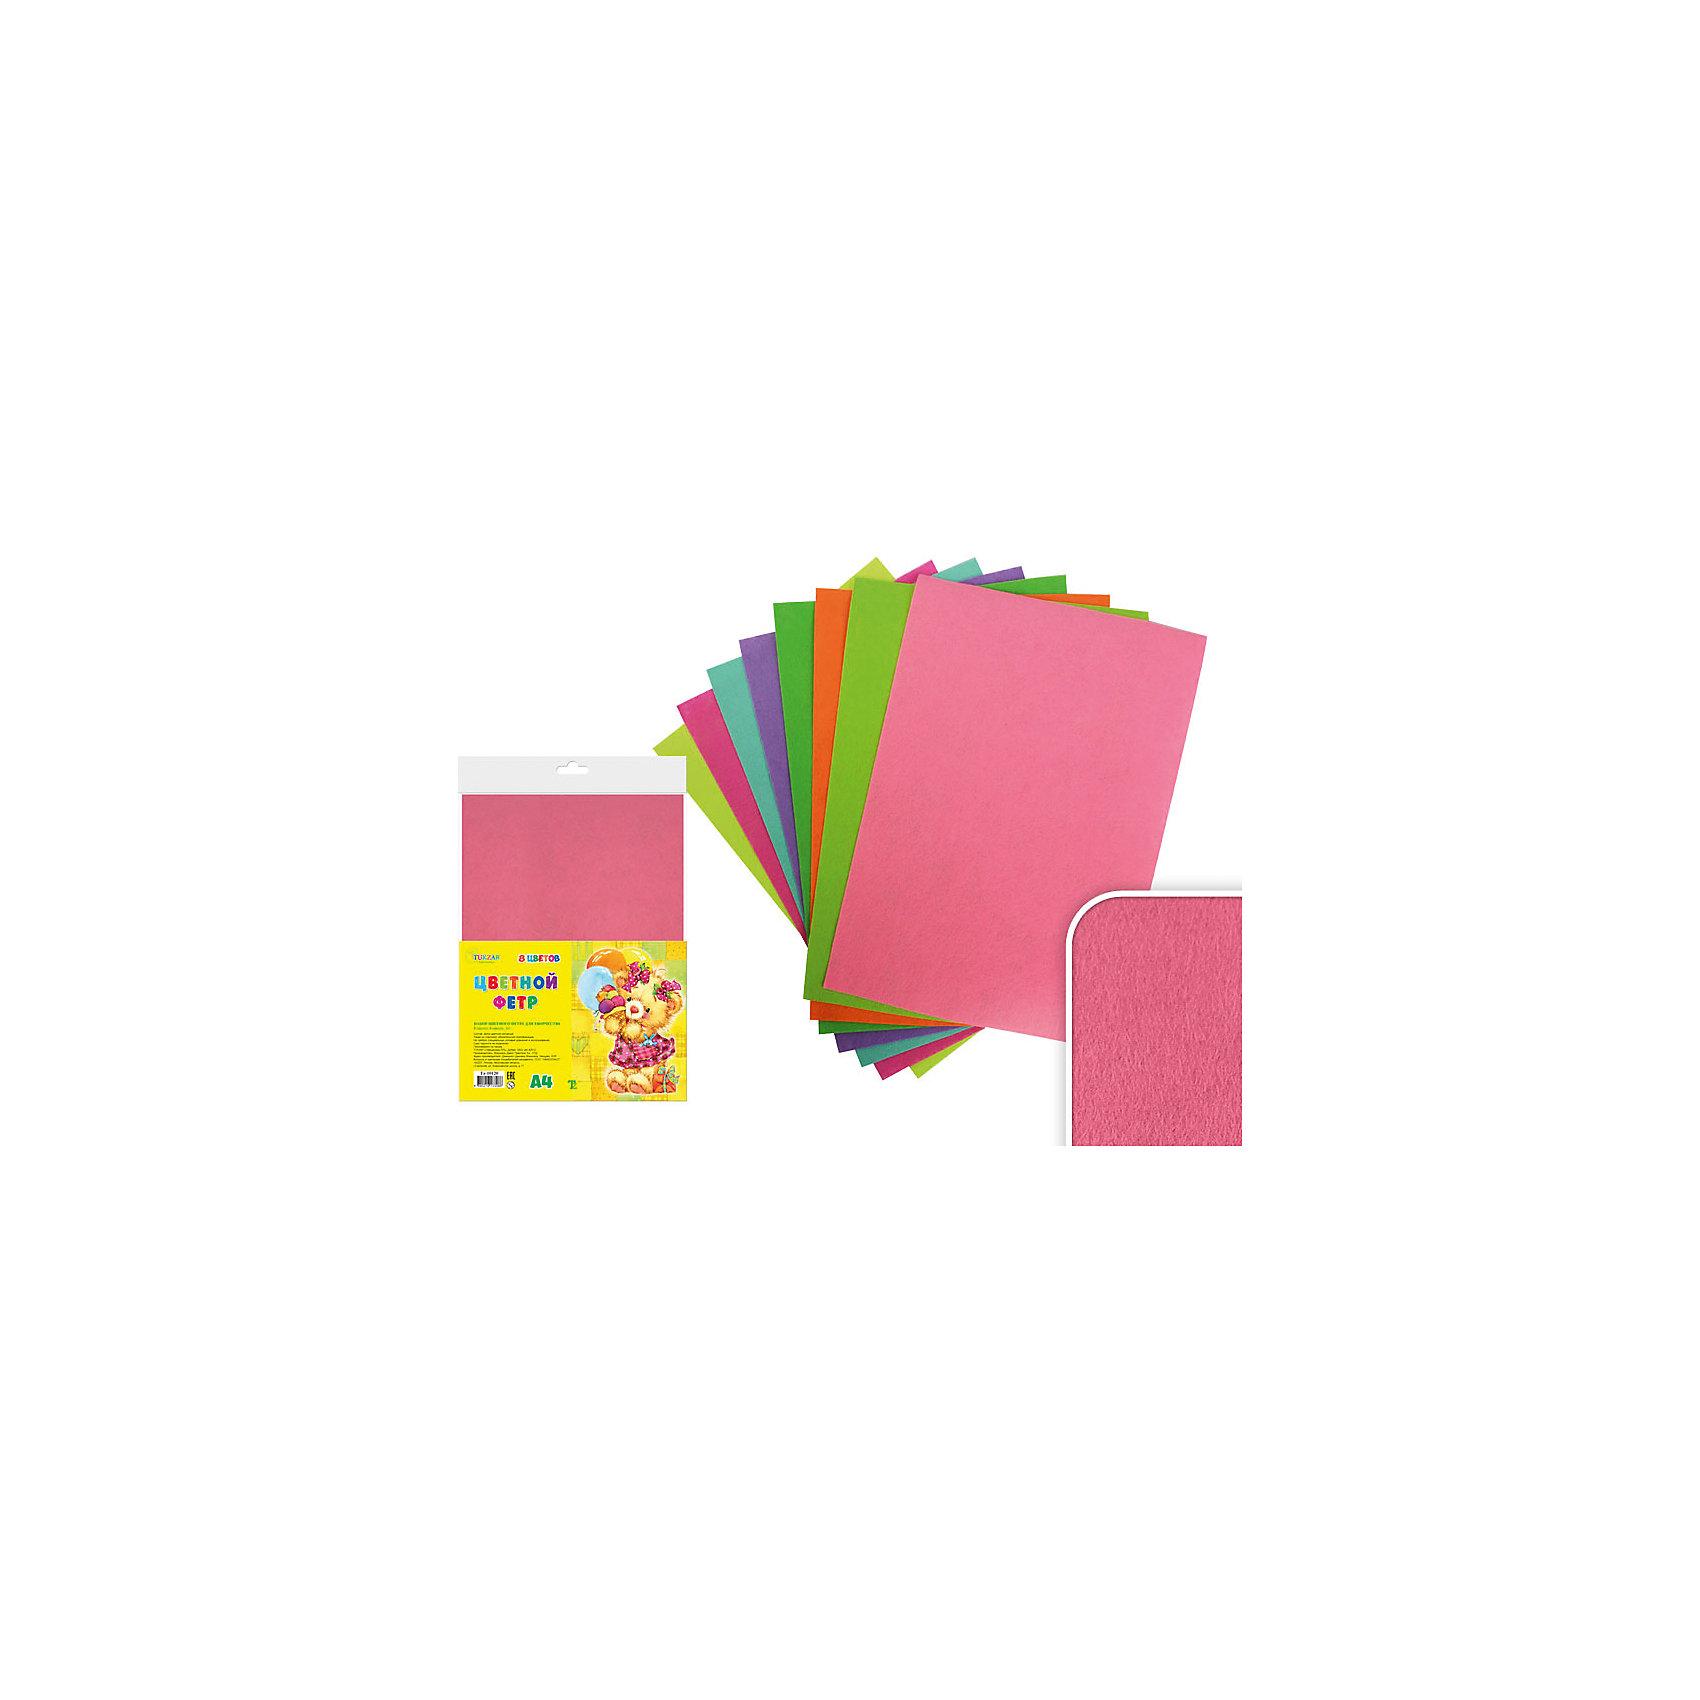 Набор цветного фетра А4 (8 листов, 8 цветов)Набор цветного фетра подойдет для различных аппликаций, позволит ребенку в полной мере выразить себя в творческой деятельности. Фетр - яркий, приятный на ощупь, легко приклеивается. <br><br>Дополнительная информация:<br><br>- Материал: фетр.<br>- Формат листа: А4.<br>- 8 листов в комплекте.<br>- 8 цветов. <br><br>Набор цветного фетра А4 (8 листов, 8 цветов) можно купить в нашем магазине.<br><br>Ширина мм: 305<br>Глубина мм: 212<br>Высота мм: 5<br>Вес г: 100<br>Возраст от месяцев: 36<br>Возраст до месяцев: 2147483647<br>Пол: Унисекс<br>Возраст: Детский<br>SKU: 4558406